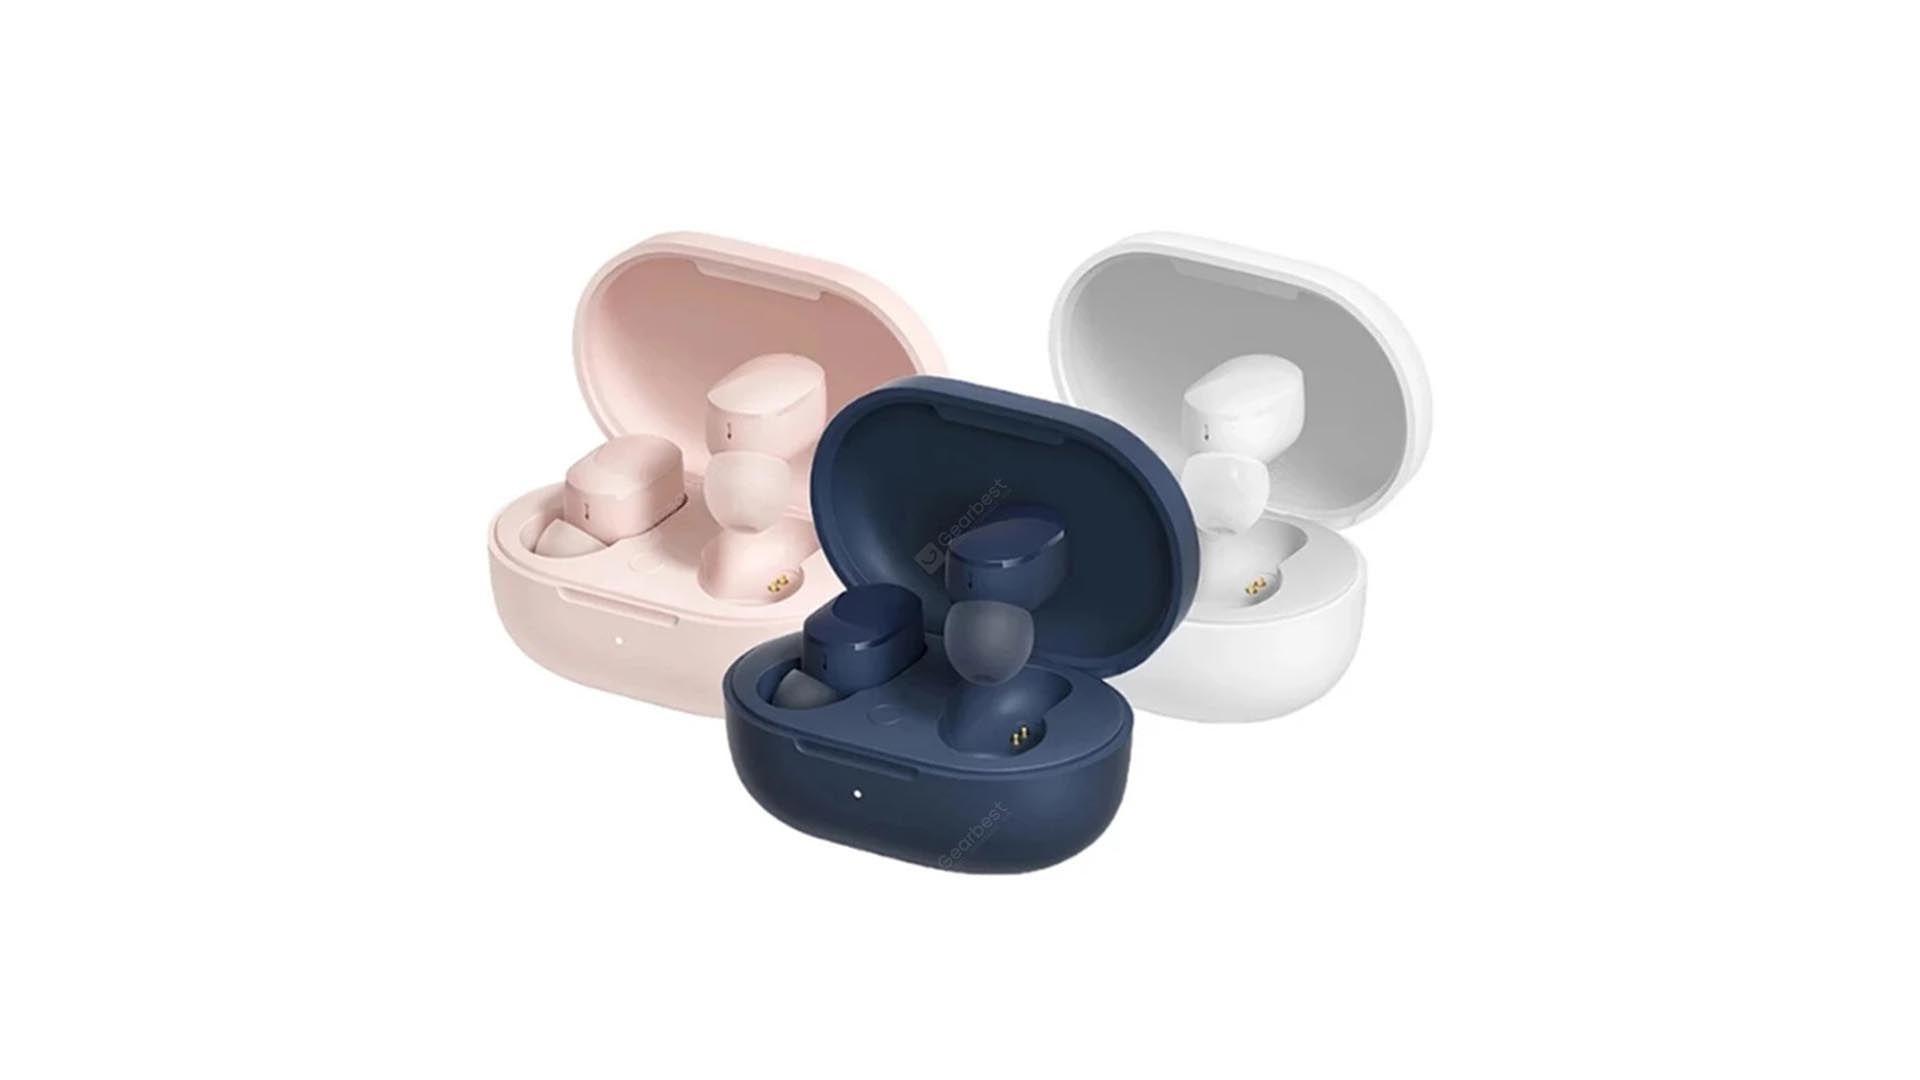 Redmi AirDots 3 de cores diferentes - azul, rosa e branco - em cases em fundo branco